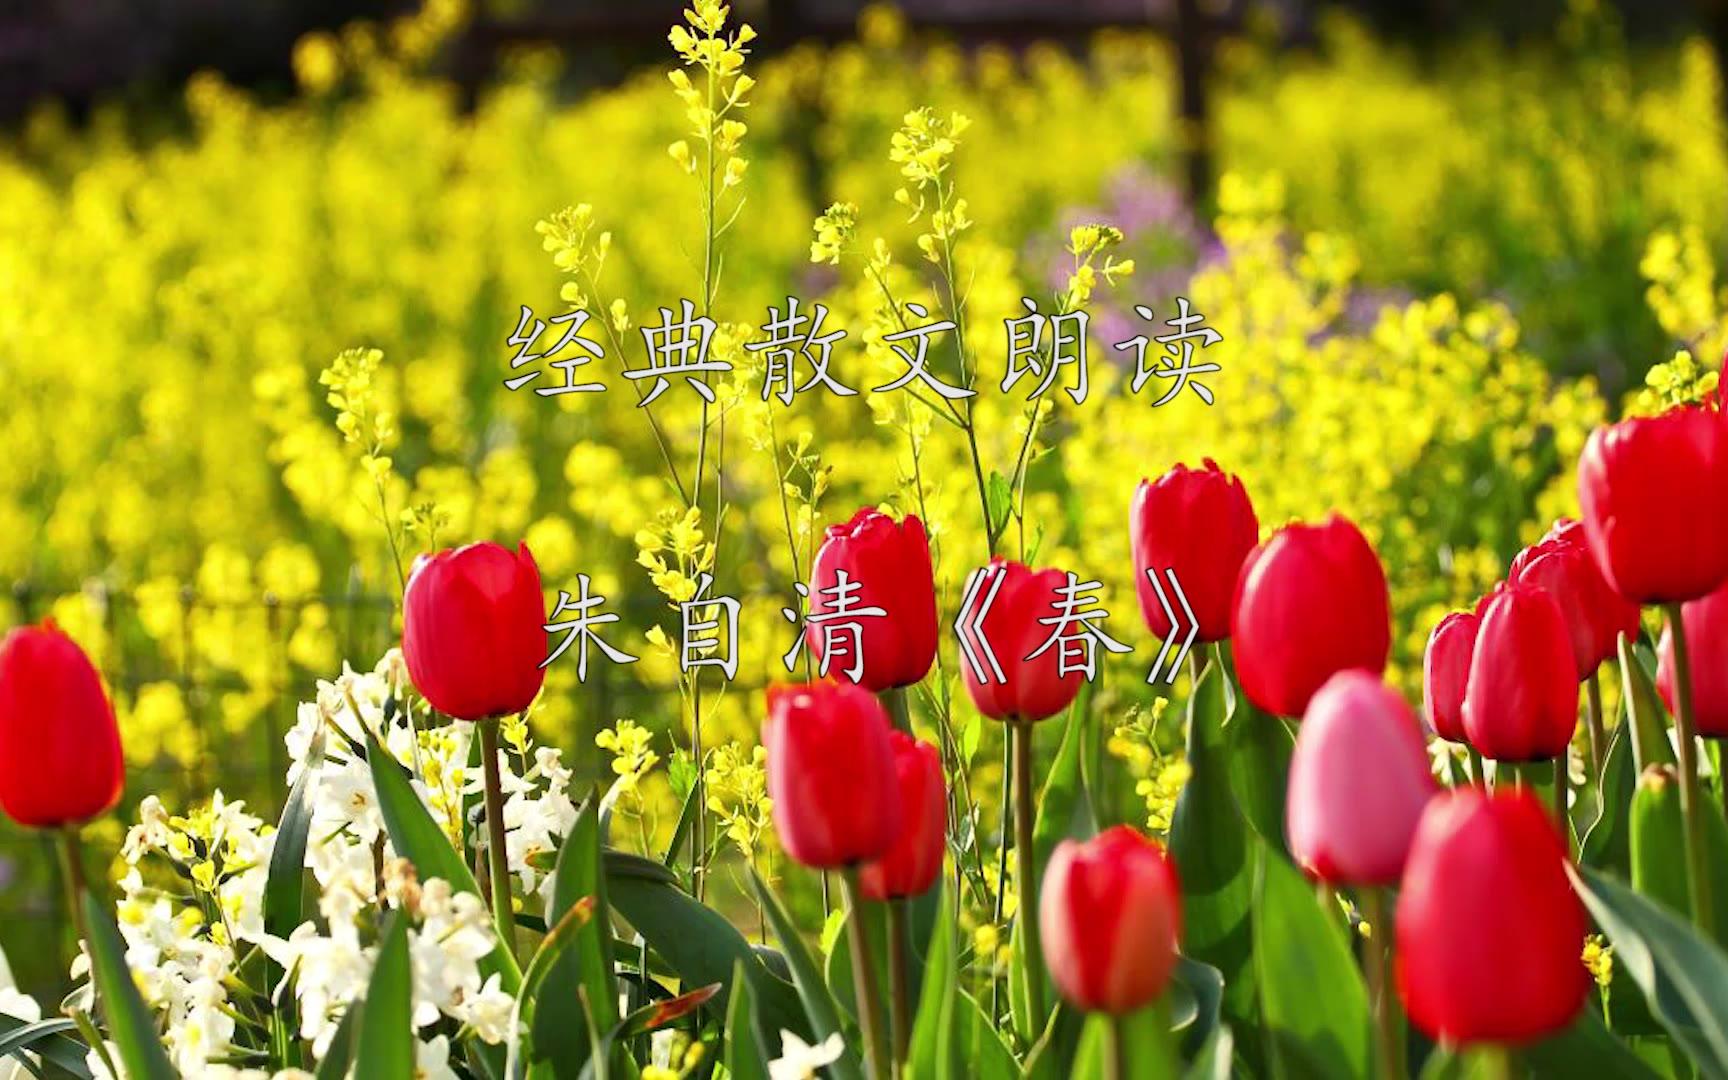 【老司马】经典散文朗诵朱自清《春》